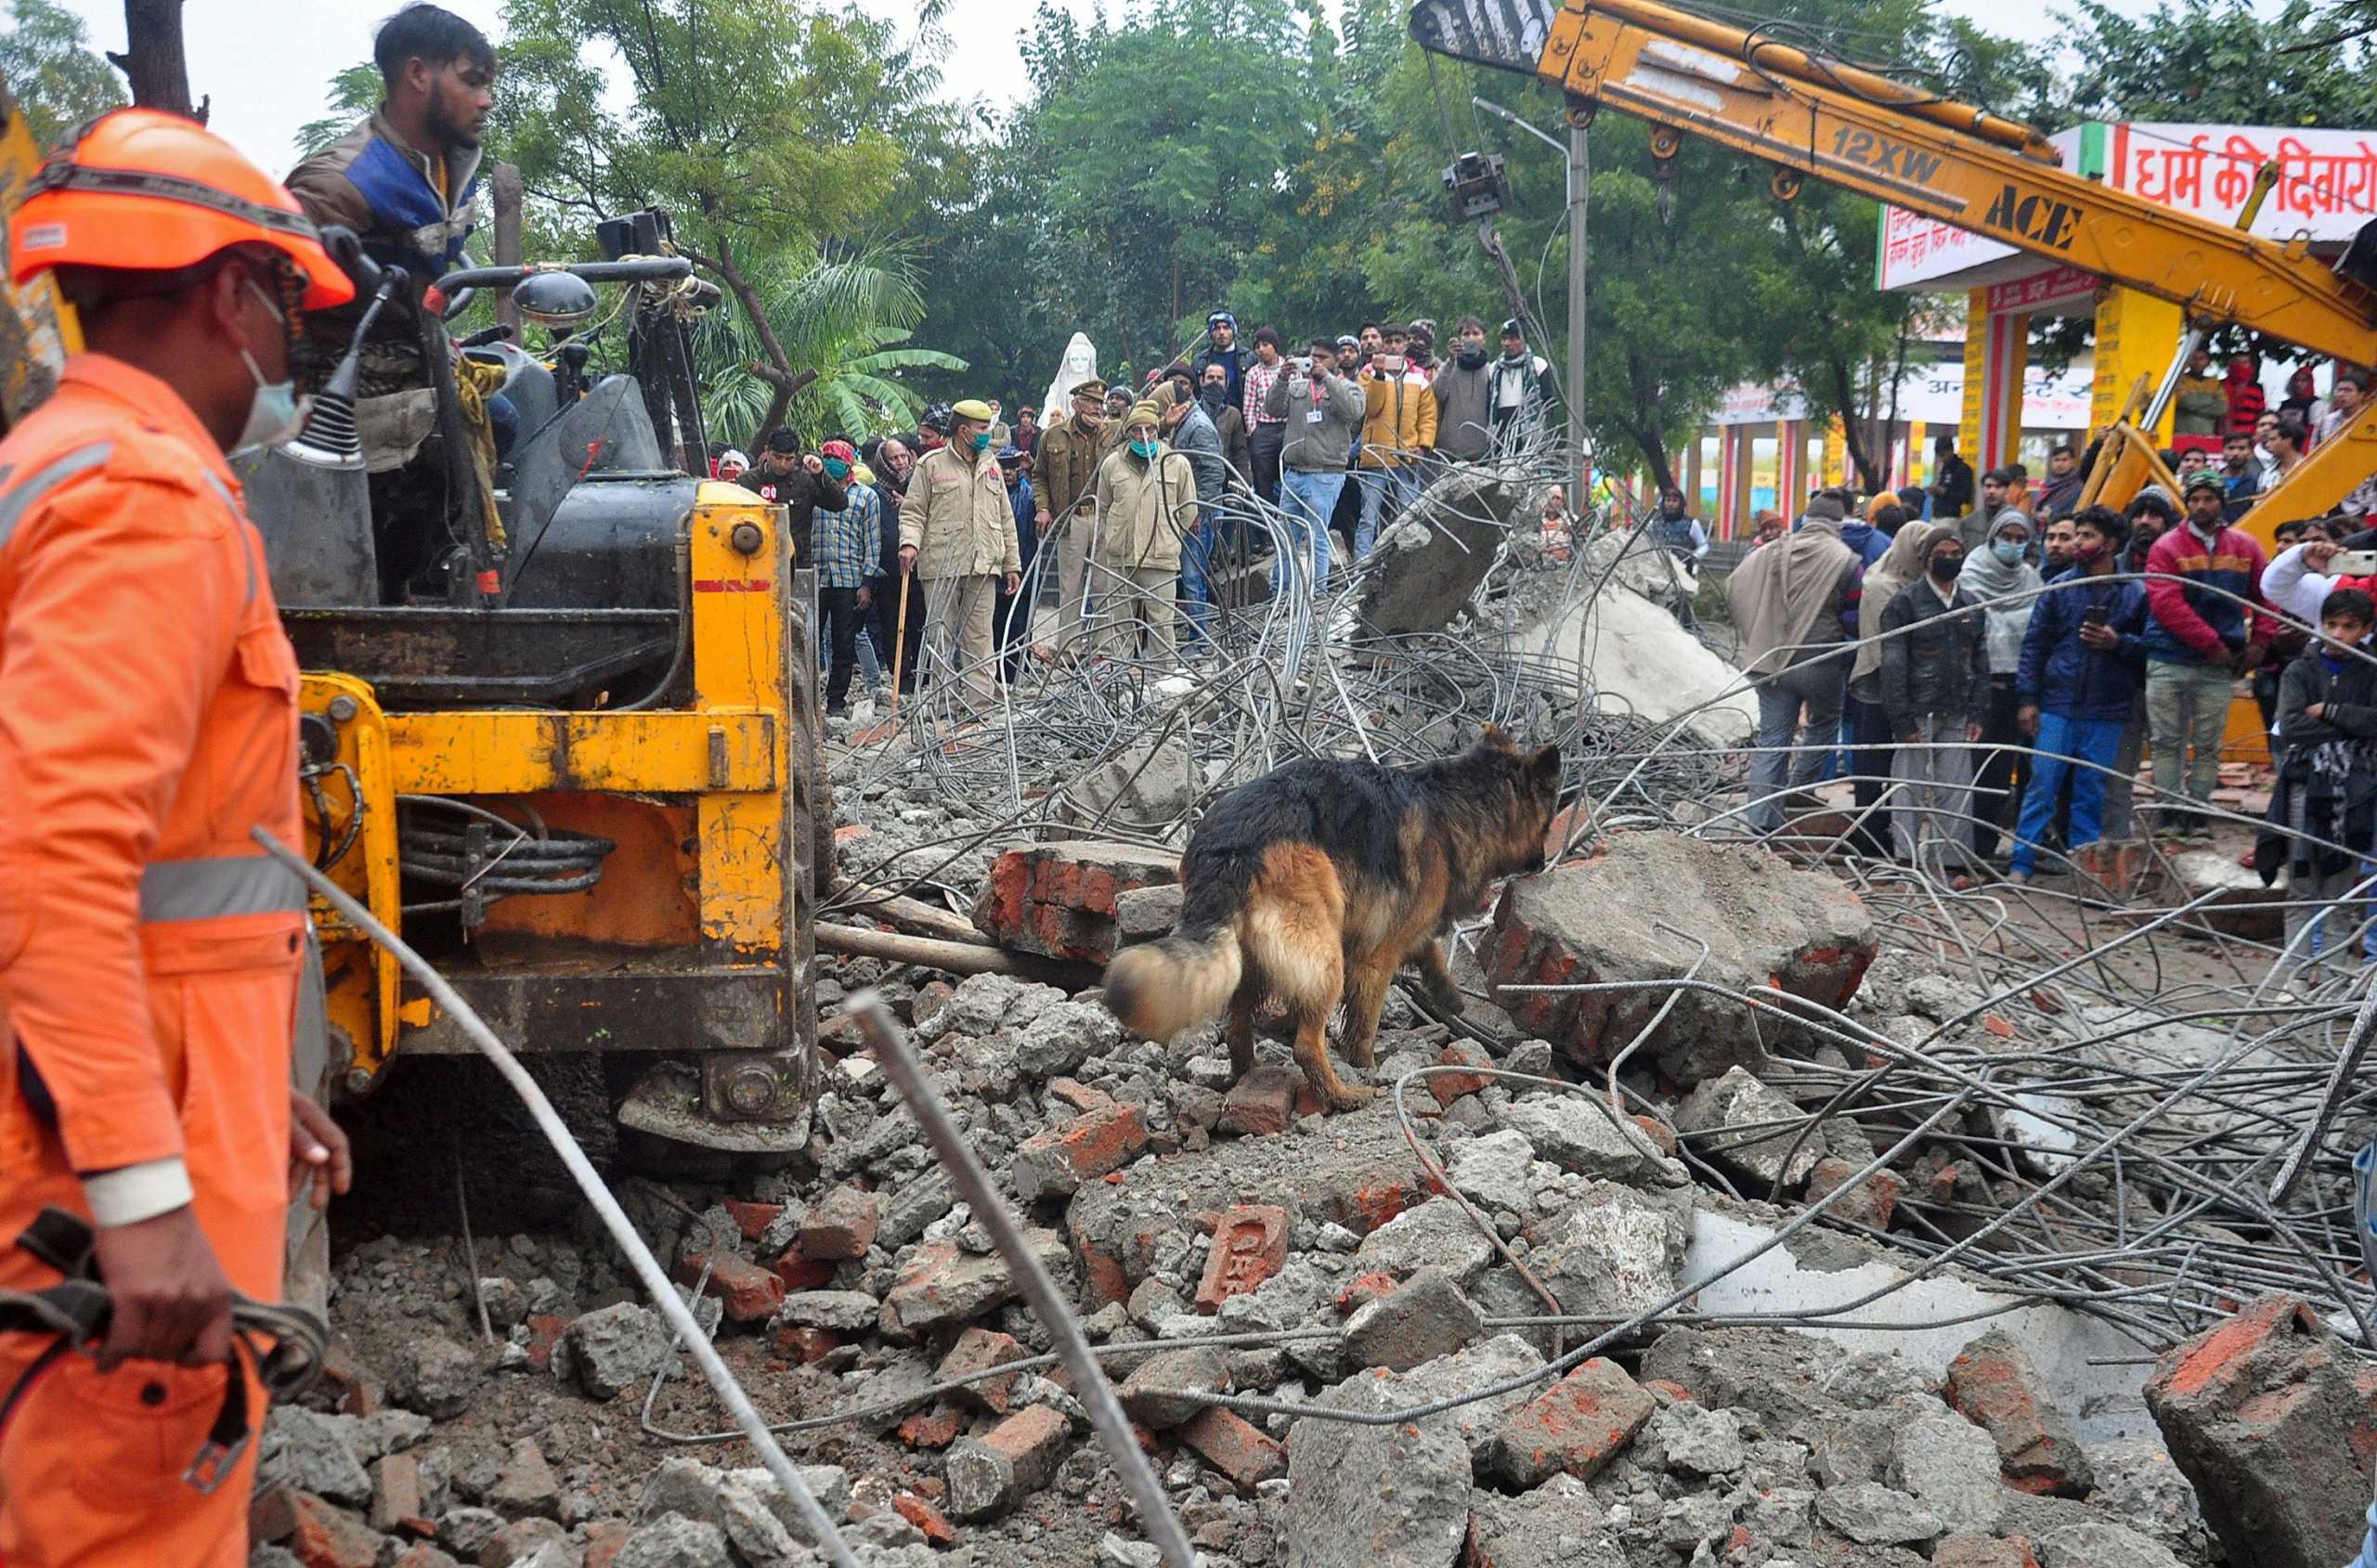 Ινδία: Πάνω από 20 νεκροί από την κατάρρευση της οροφής σε αποτεφρωτήριο